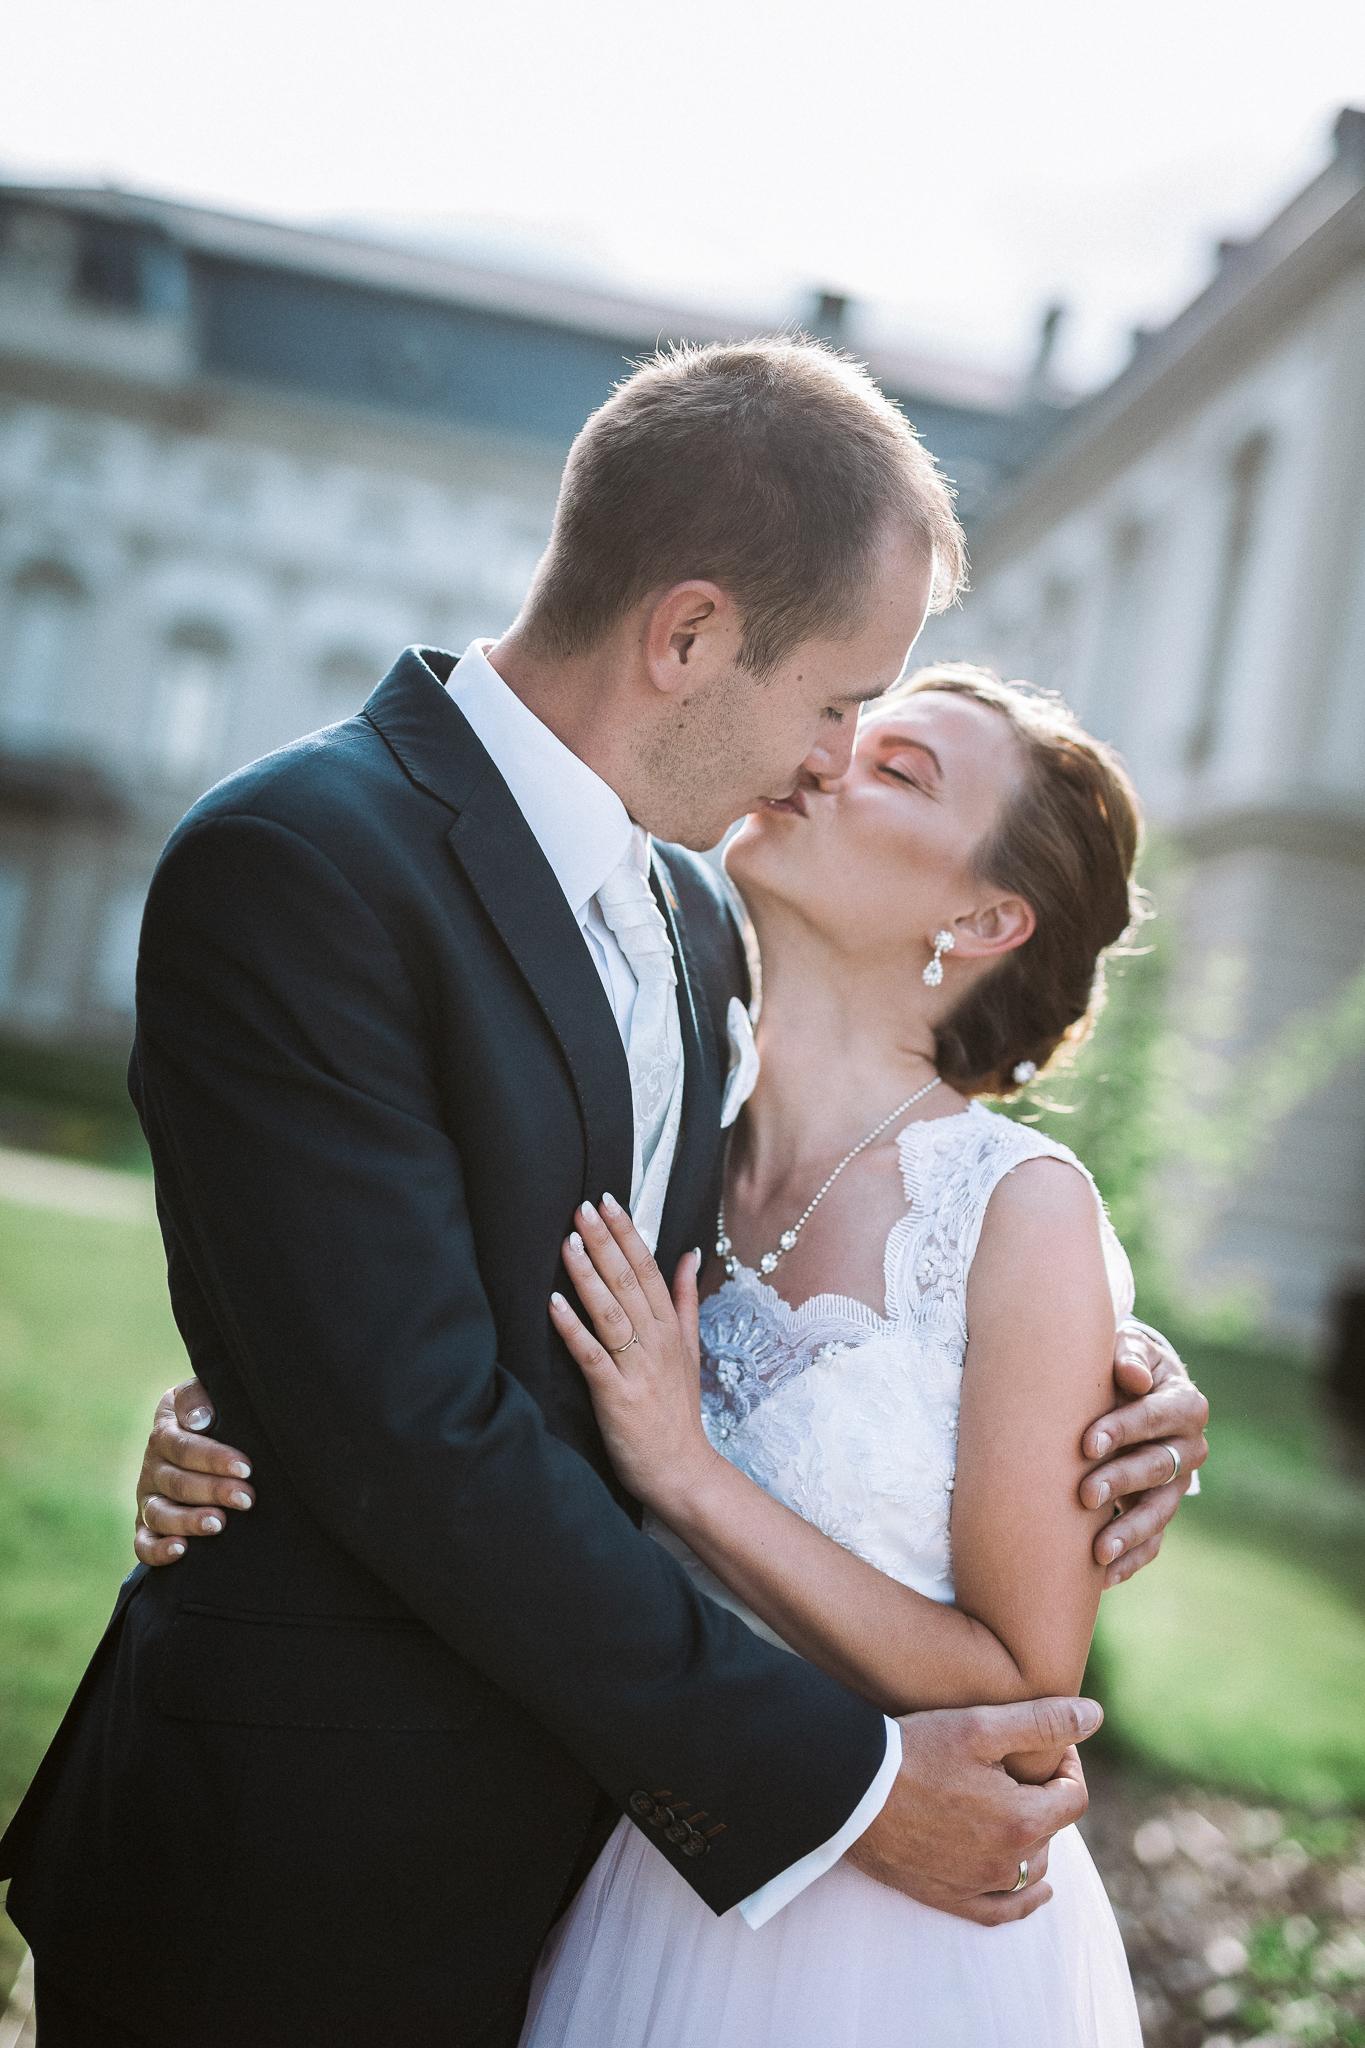 FylepPhoto, esküvőfotós, esküvői fotós Körmend, Szombathely, esküvőfotózás, magyarország, vas megye, prémium, jegyesfotózás, Fülöp Péter, körmend, kreatív, fotográfus_04-2.jpg